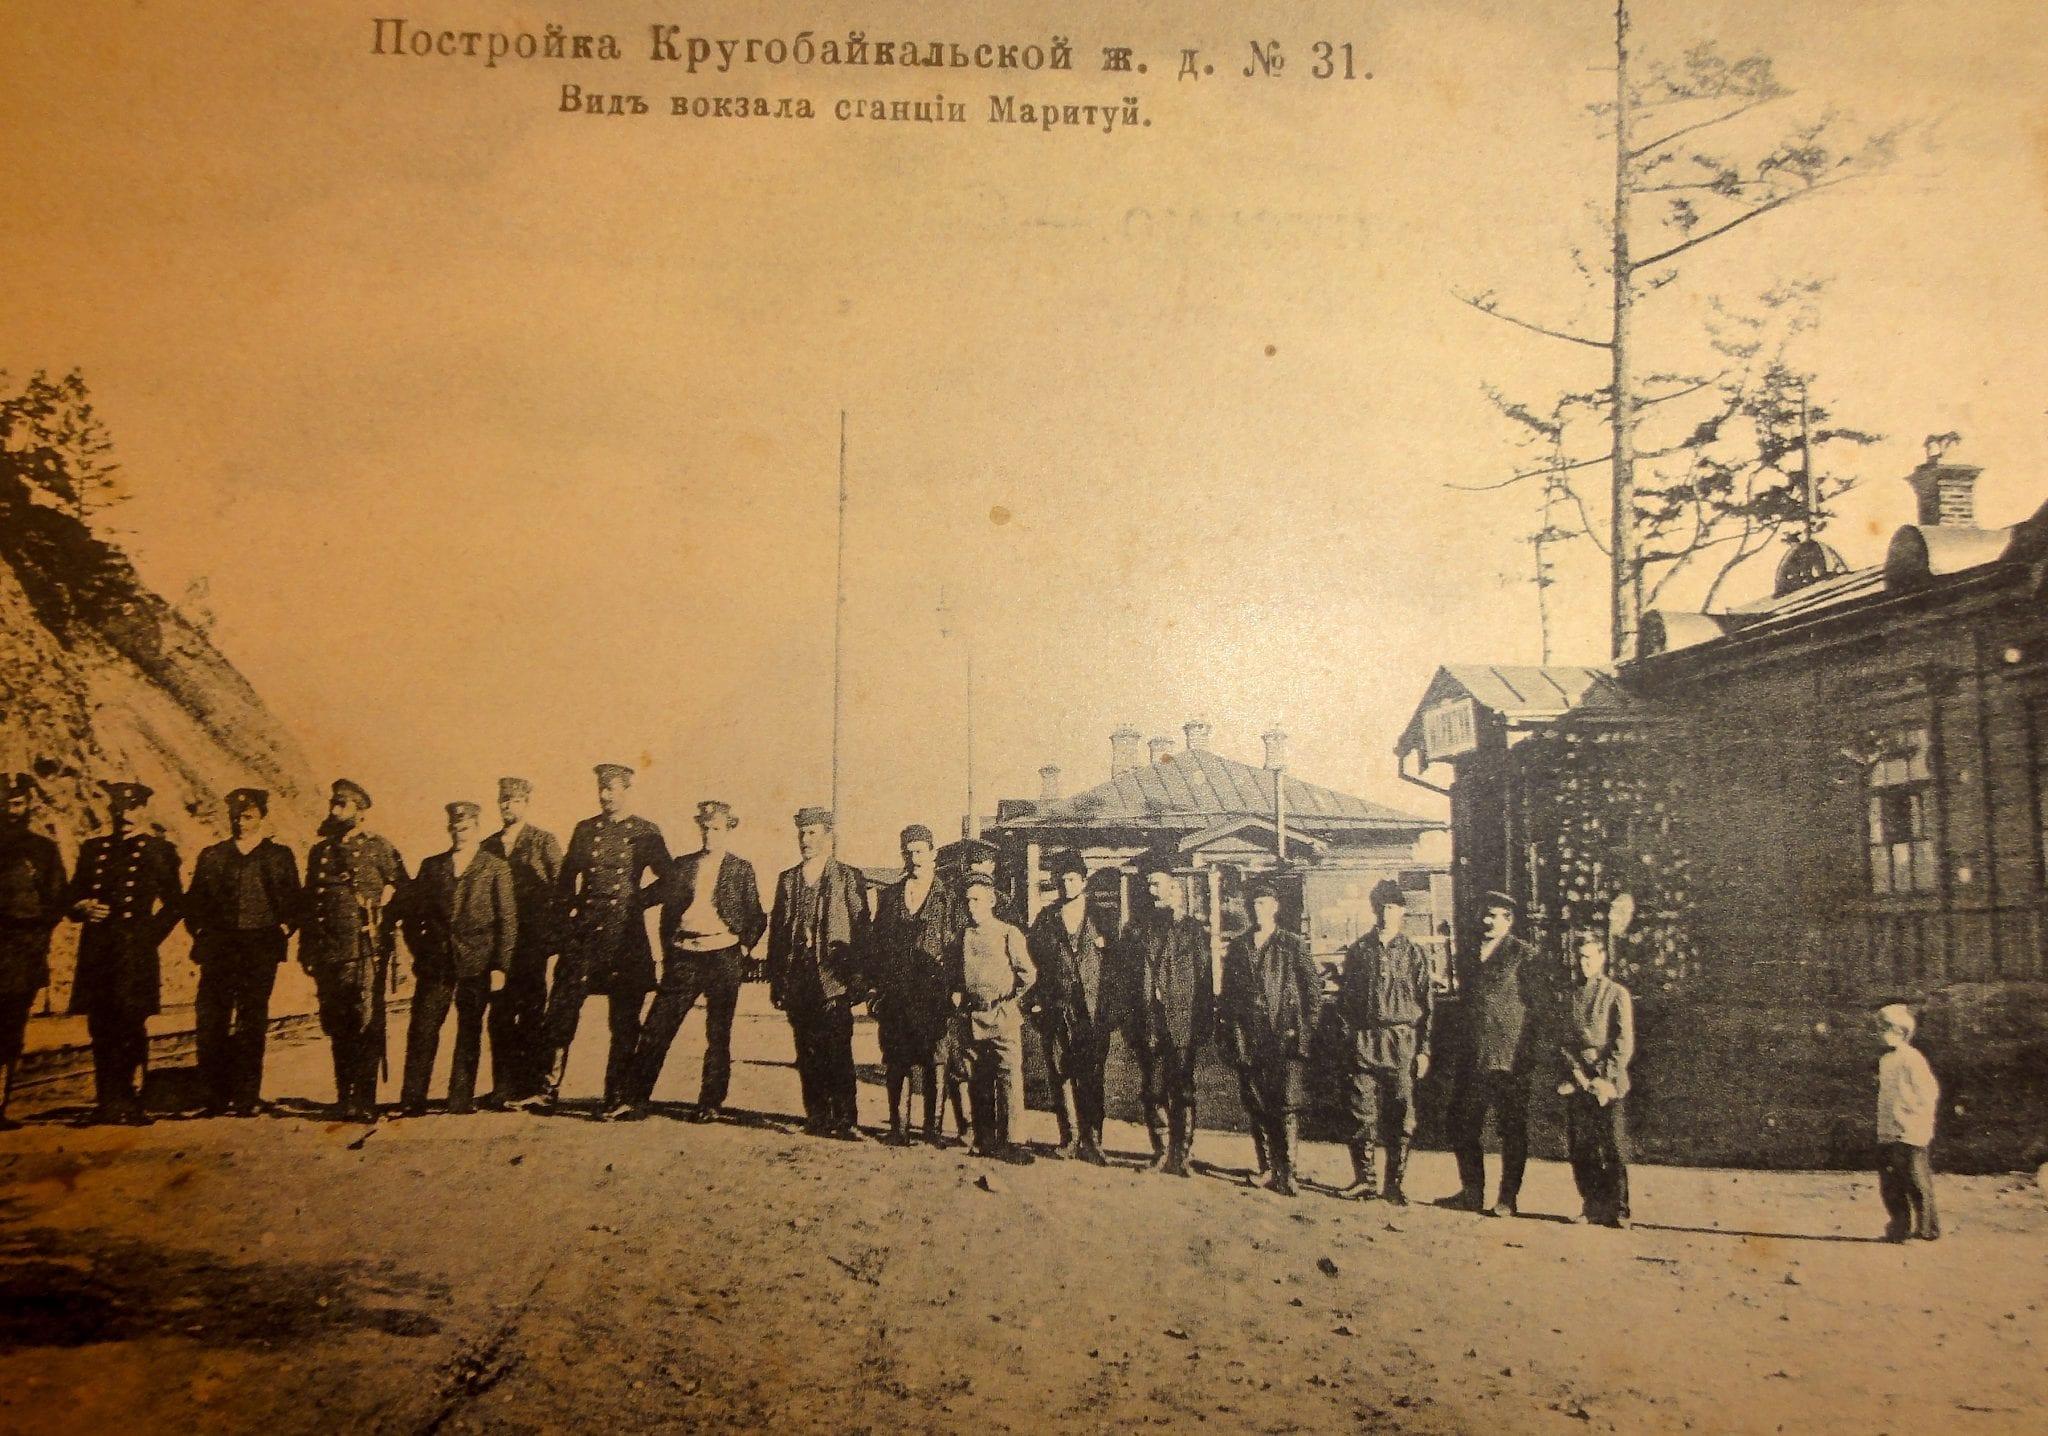 Забытые эпизоды истории:  Кругобайкальский «Музей под Открытым Небом» и Итальянские мастера